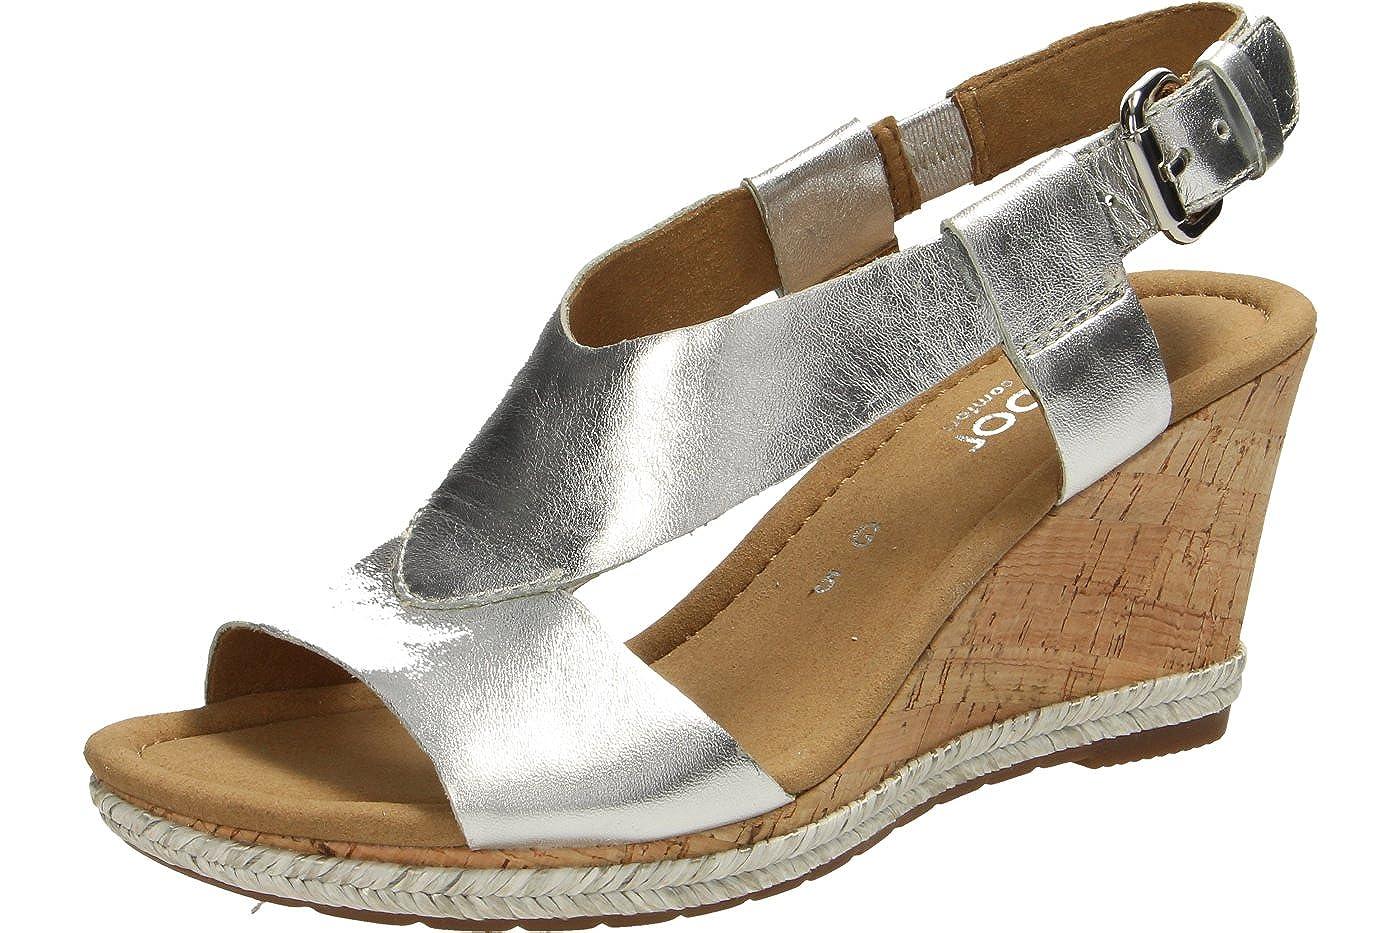 Gabor Comfort Damen Sandaletten Sandaletten Damen Milano 62.821.10 Silber 263494Silber 112472